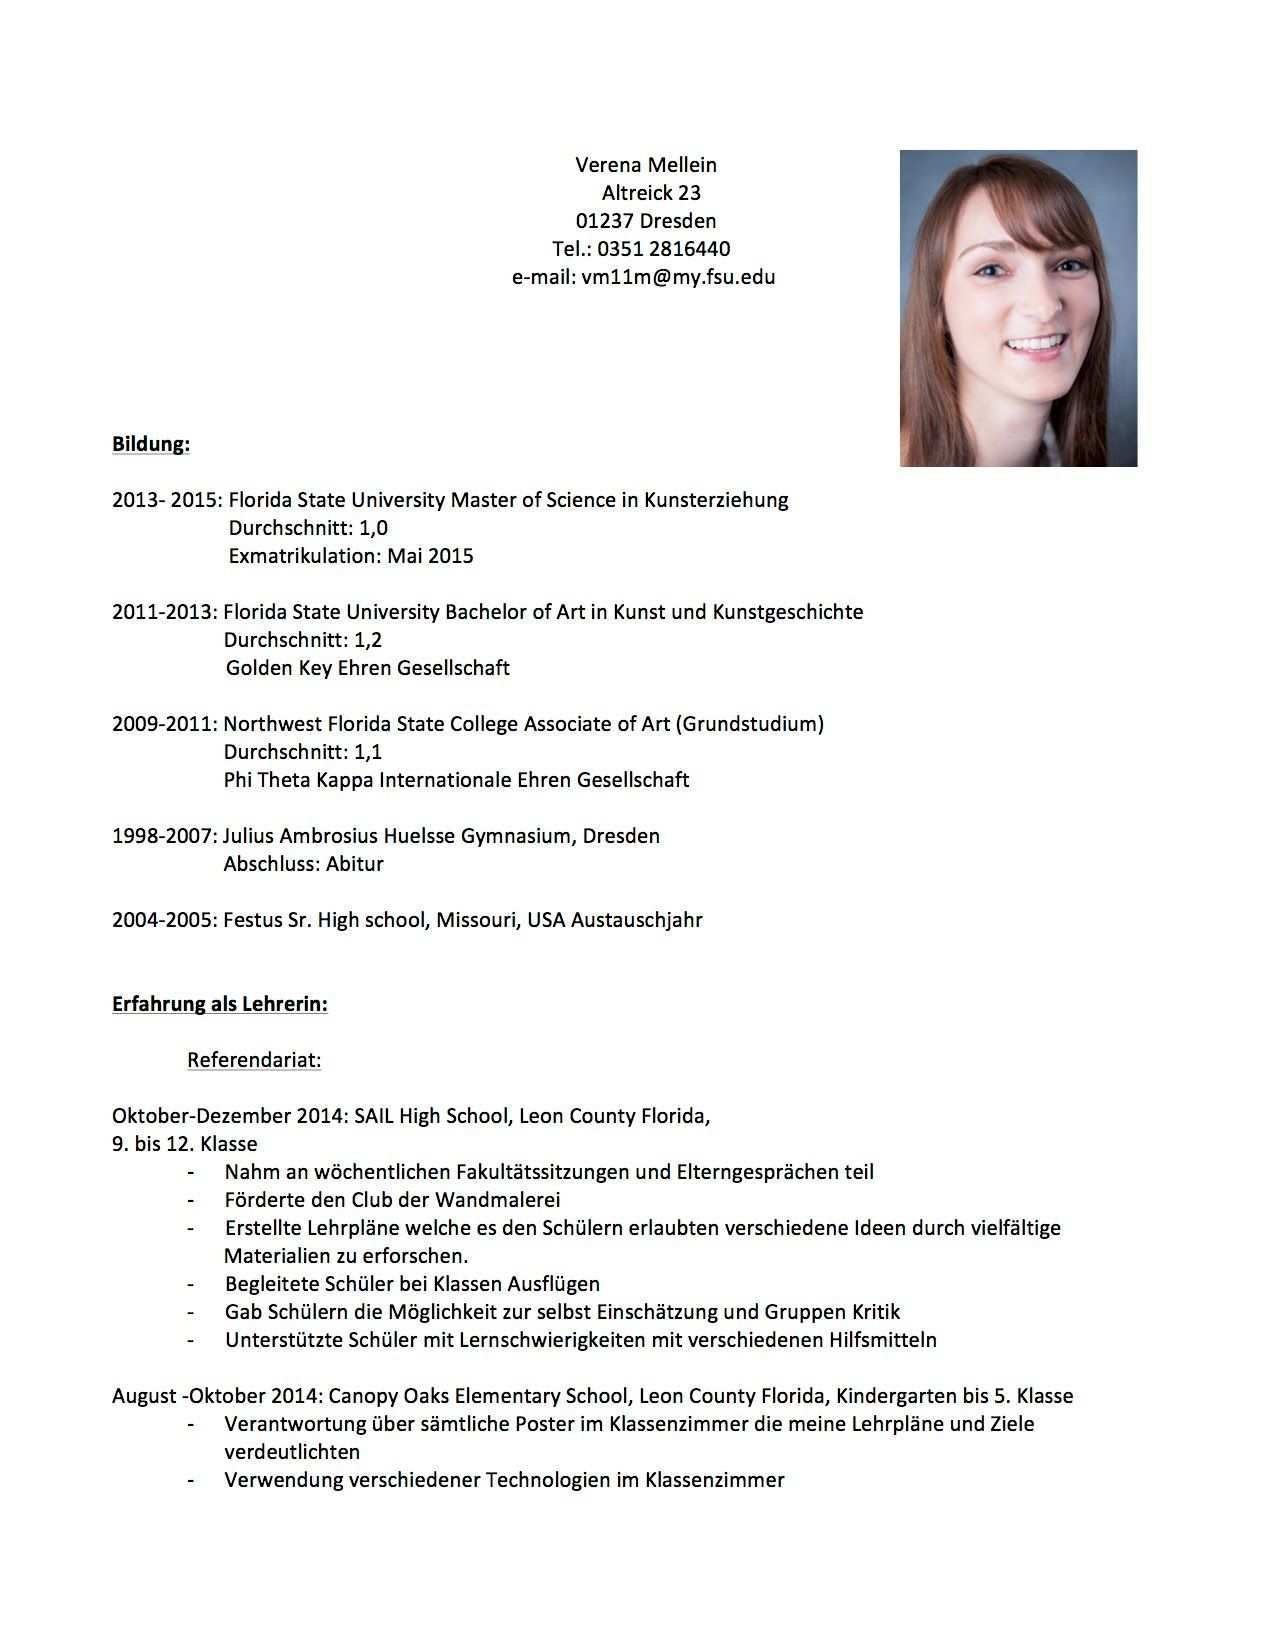 Lebenslauf Verena Mellein Lehrer Lebenslauf Lehrer Muster Vorlage Bewerbung Beispiel Tabellarischer Schule Schreiben Studium Angeben Vorlagen Referendariat In 2020